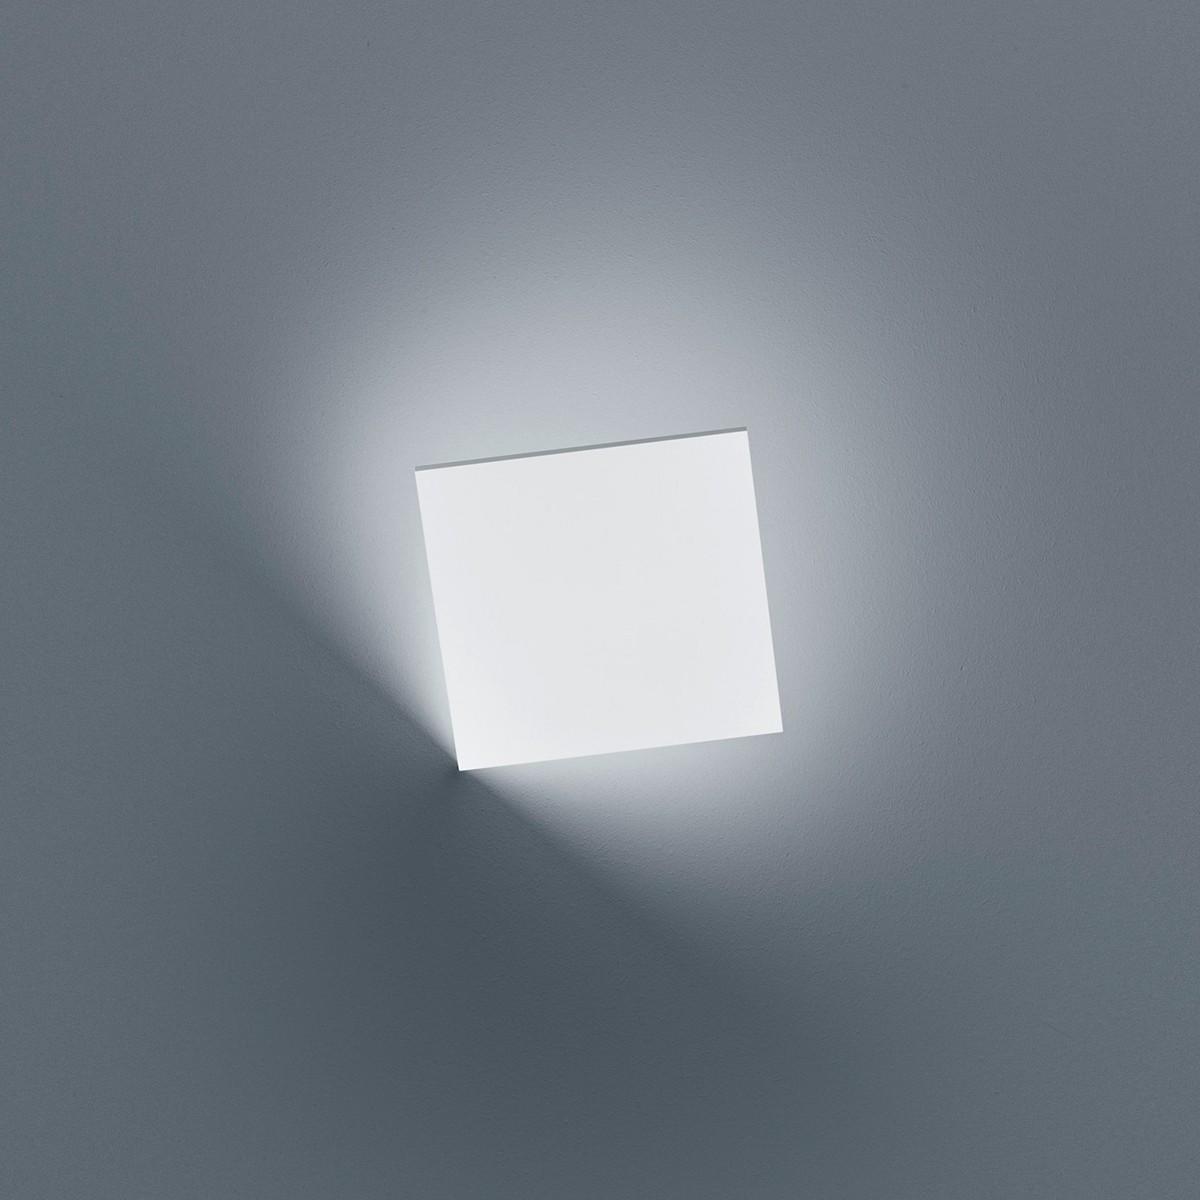 Helestra Meta LED Außenwandleuchte, weiß matt